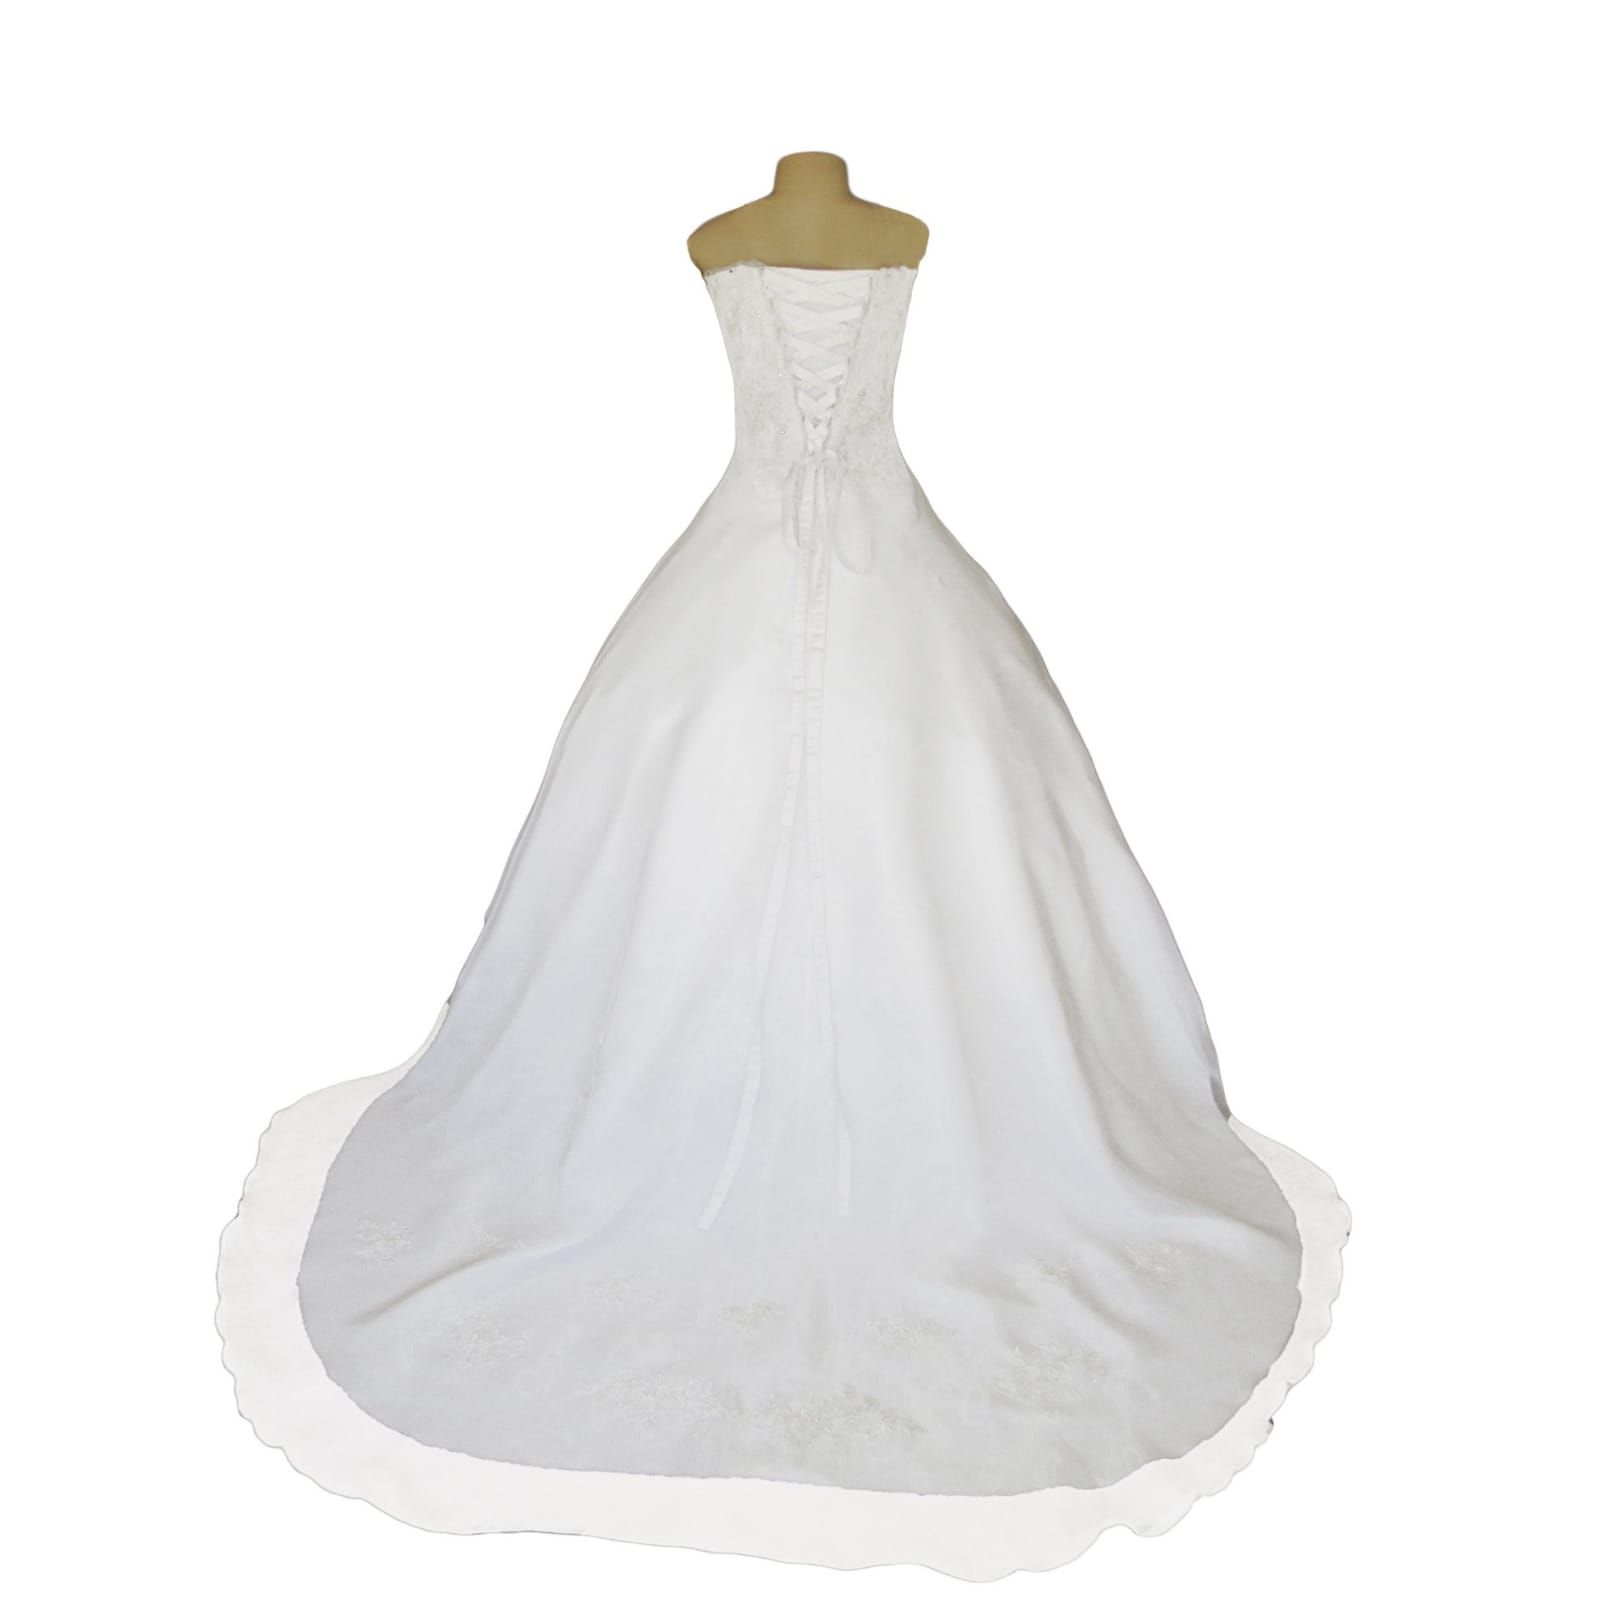 Organza vestido de noiva branco 7 vestido de baile de casamento branco de organza, sem ombros. Corpete detalhado com renda. De costas com cordões. Com um cauda e ombro organza plissada detalhadas com rendas. Com véu.